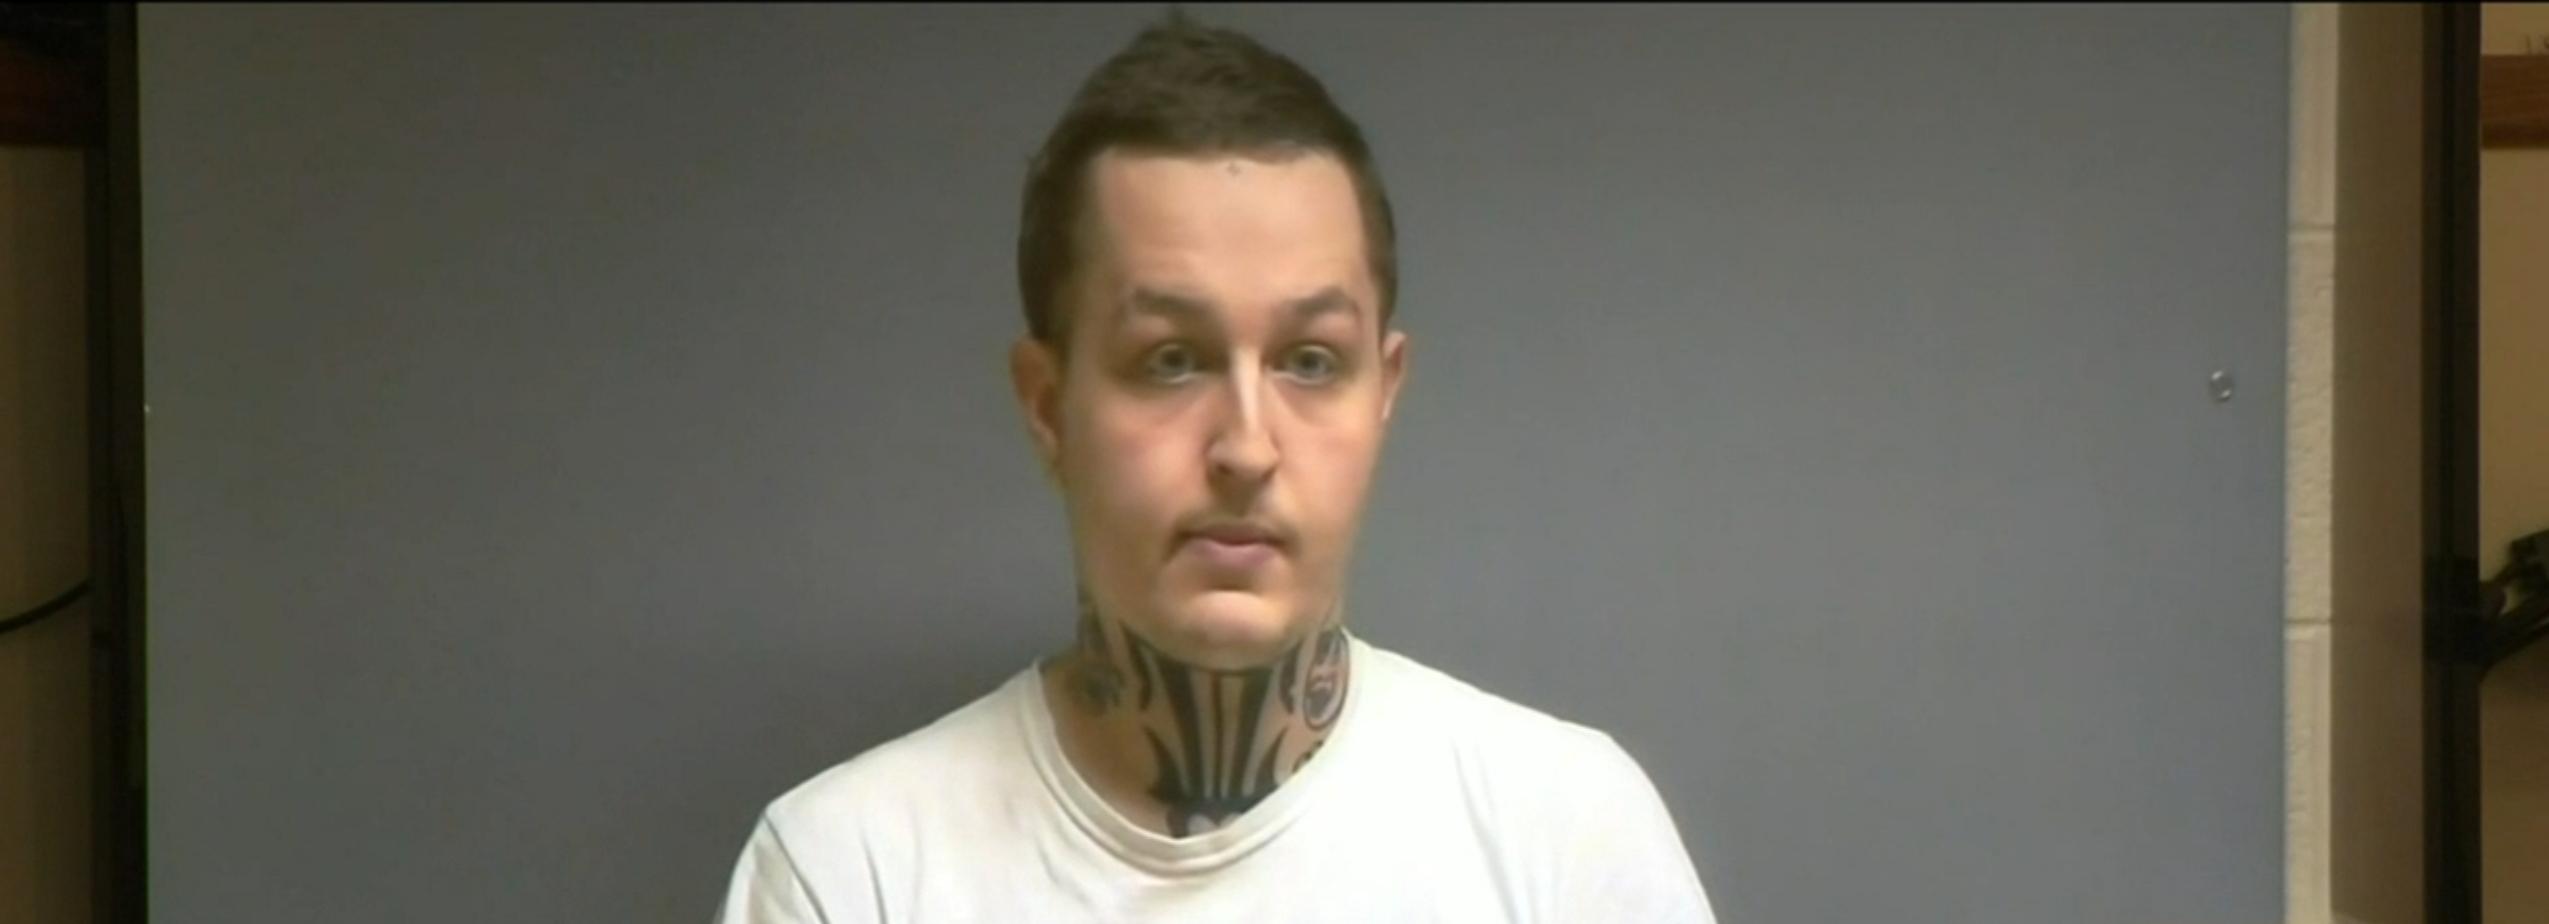 Привлечение к ответственности татуировщика за преступное сексуальное поведение пятилетней давности